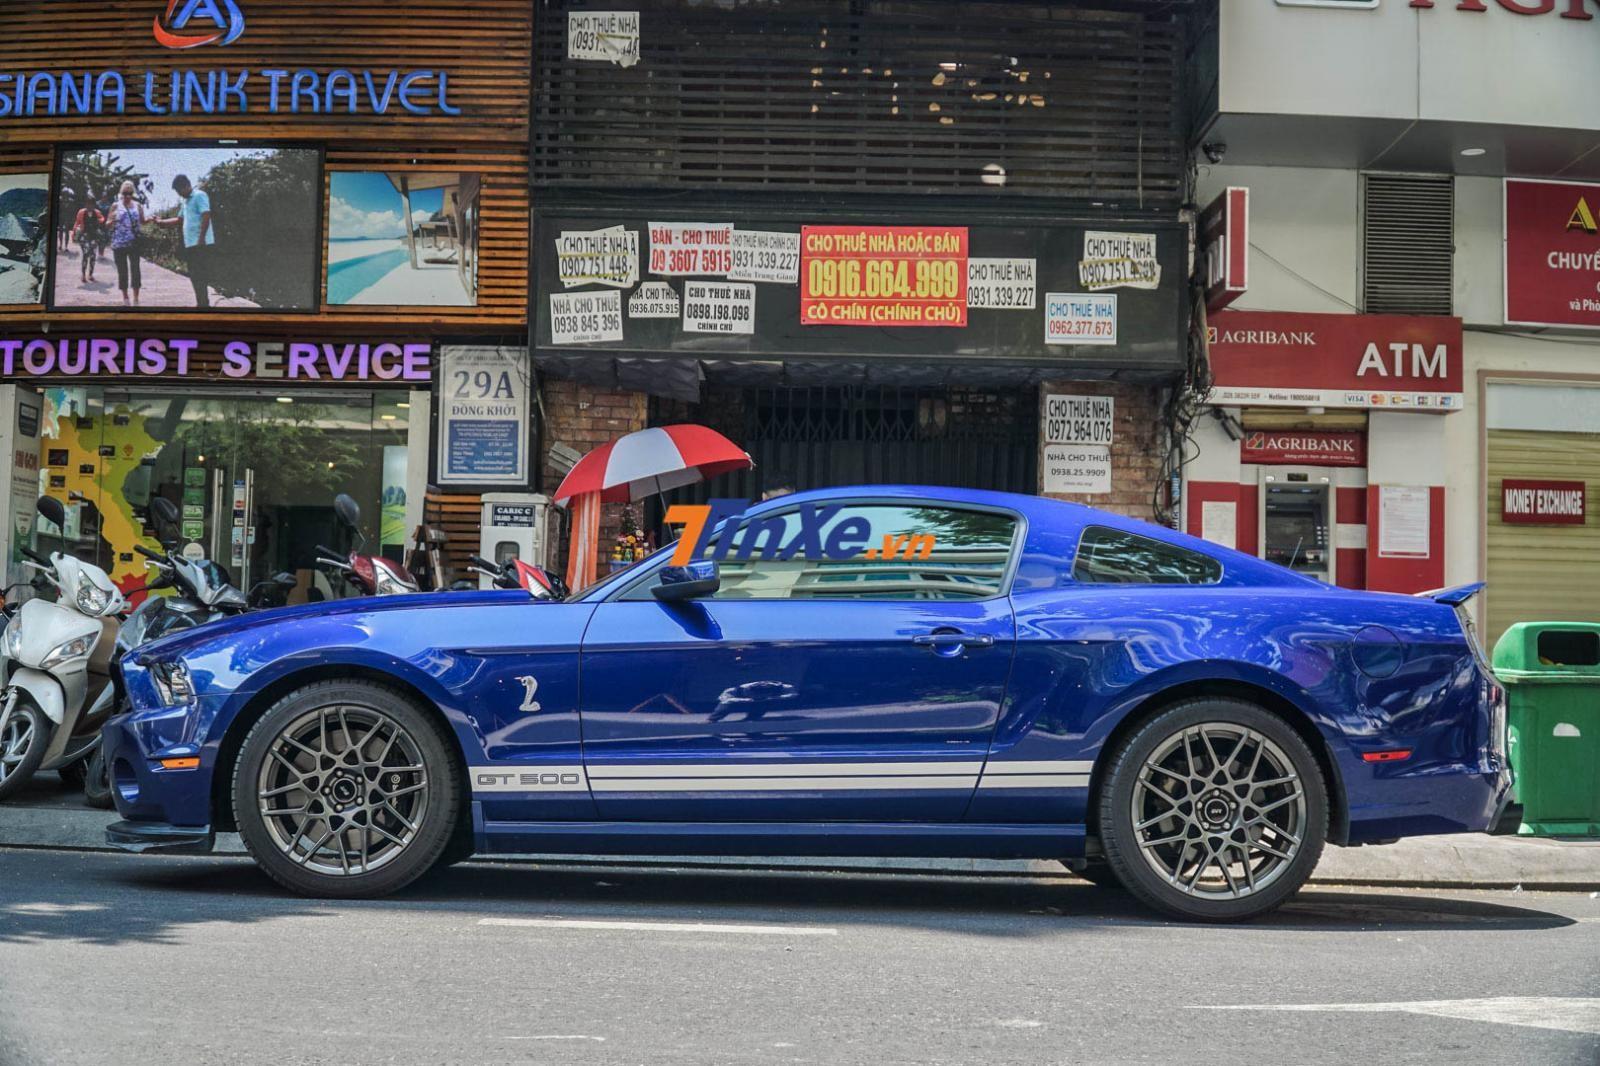 Sau 6 năm có mặt tại Việt Nam, chiếc Ford Mustang Shelby GT500 vẫn chưa có chú ngựa hoang nào soán ngôi danh hiệu tốc độ